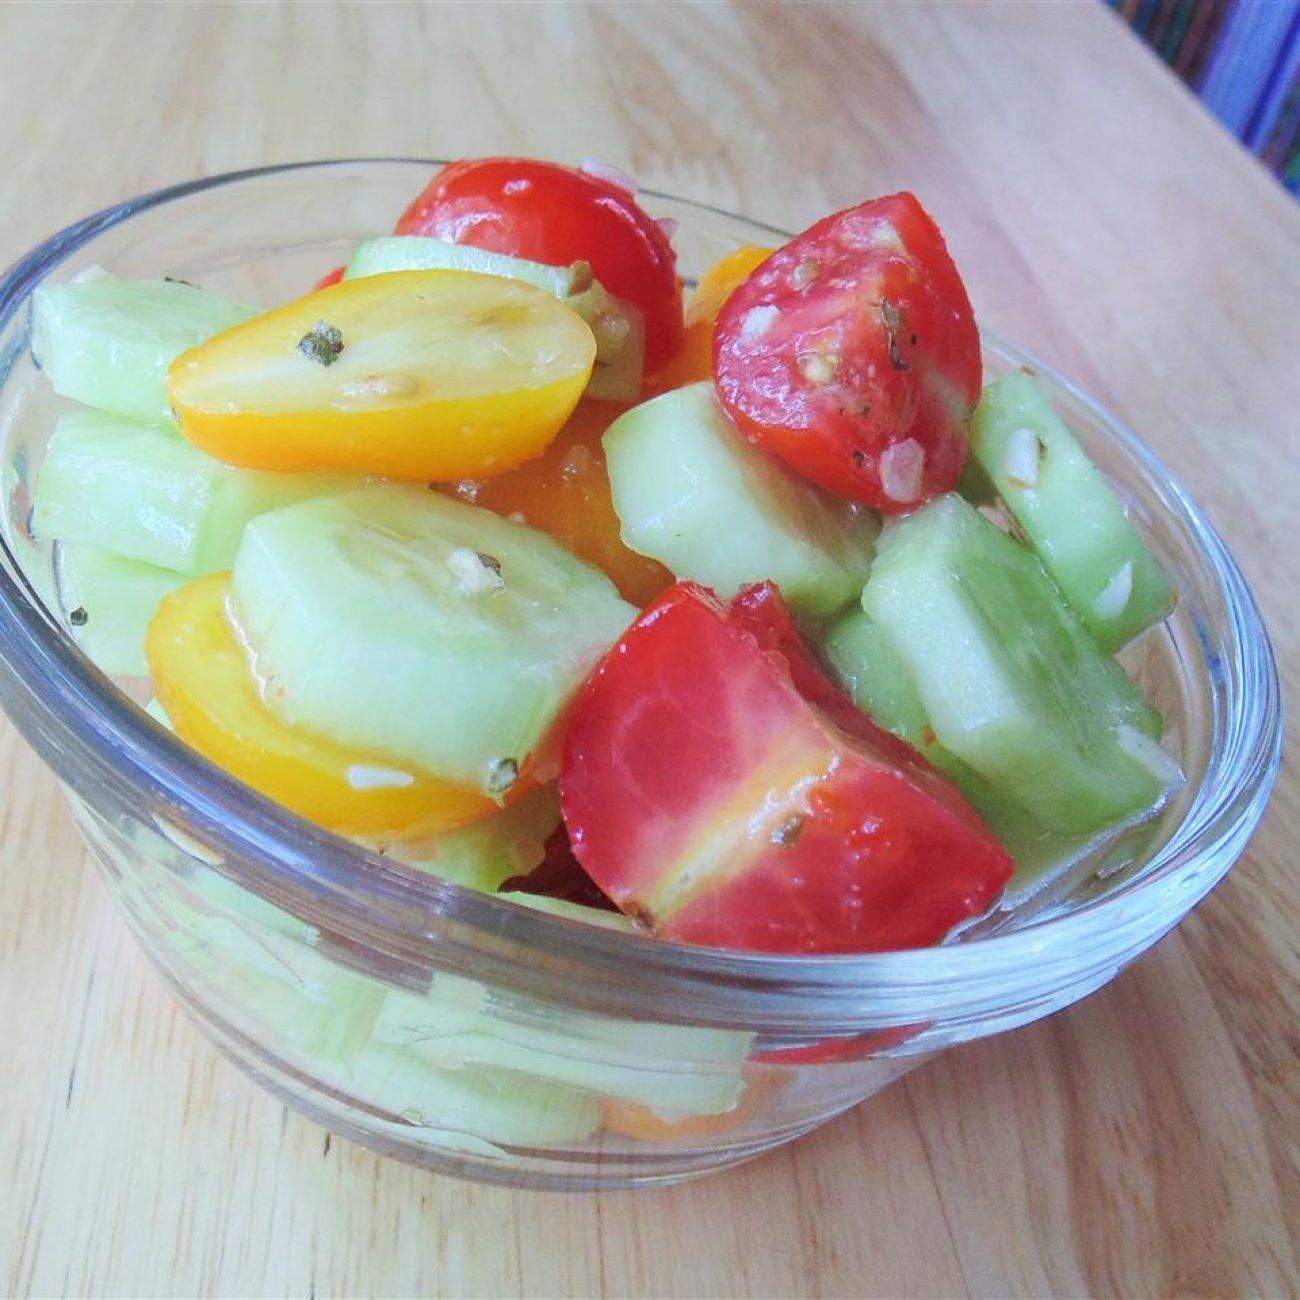 Wish-Bone® Cucumber and Cherry Tomato Salad Recipe